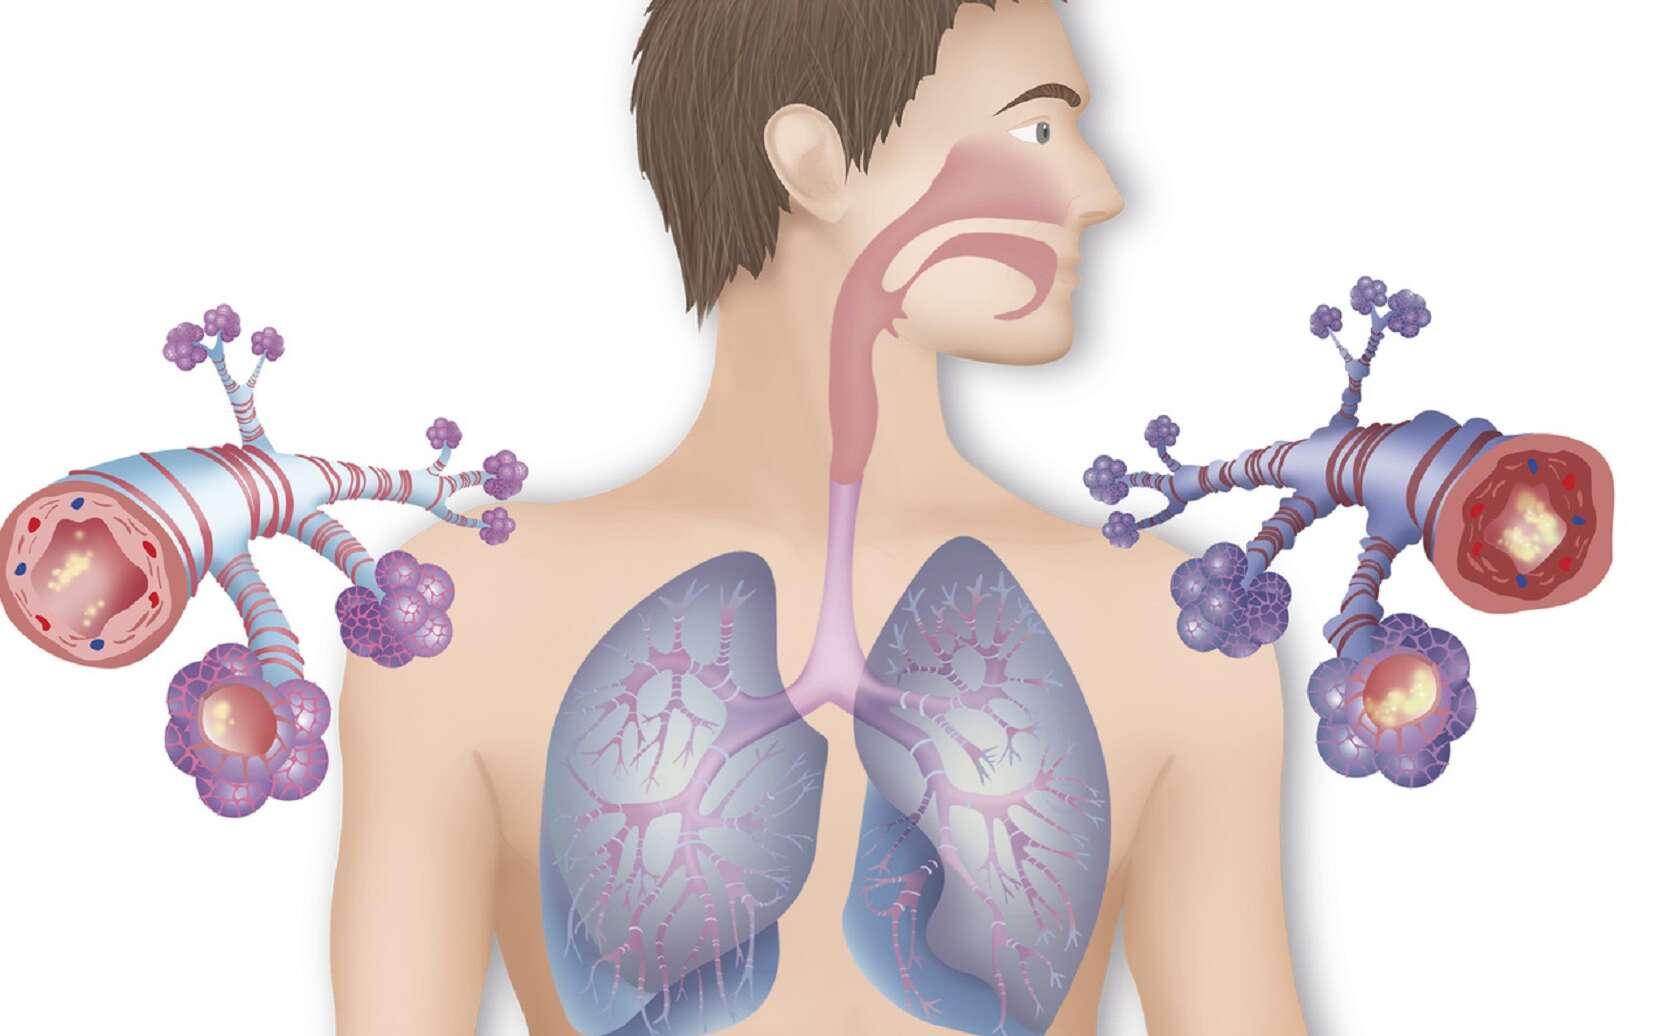 Les bronches sont recouvertes d'un mucus plus ou moins abondant. © RFBSIP, Fotolia